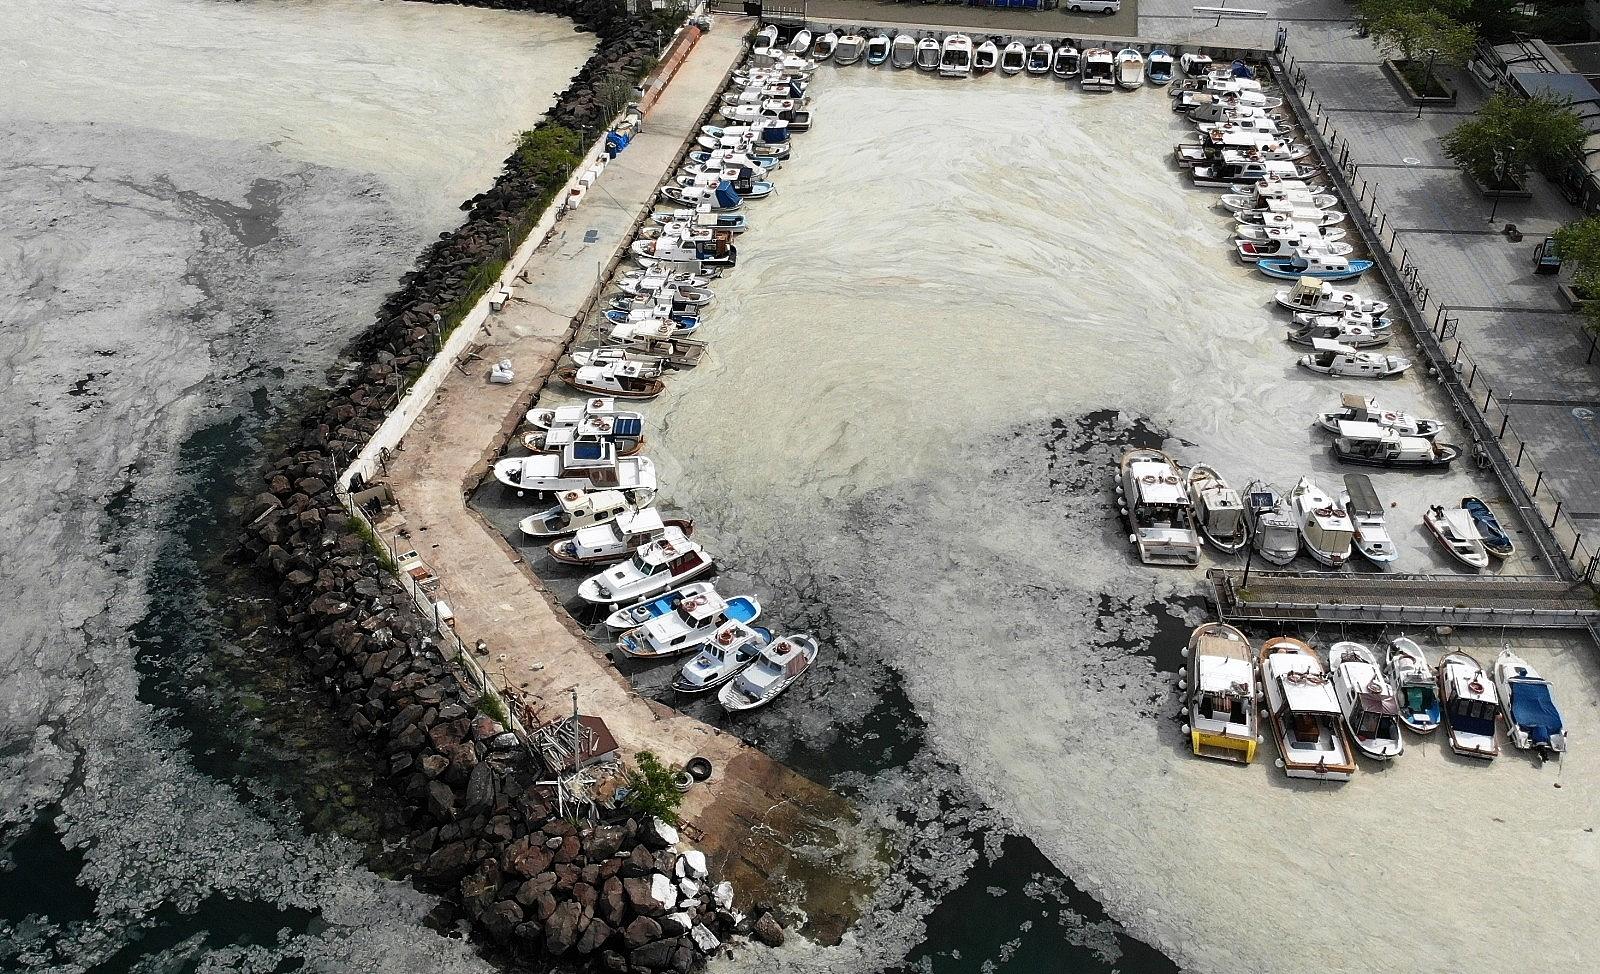 2021/05/canakkale-bogazi-deniz-salyasi-ile-kaplandi-20210503AW31-2.jpg